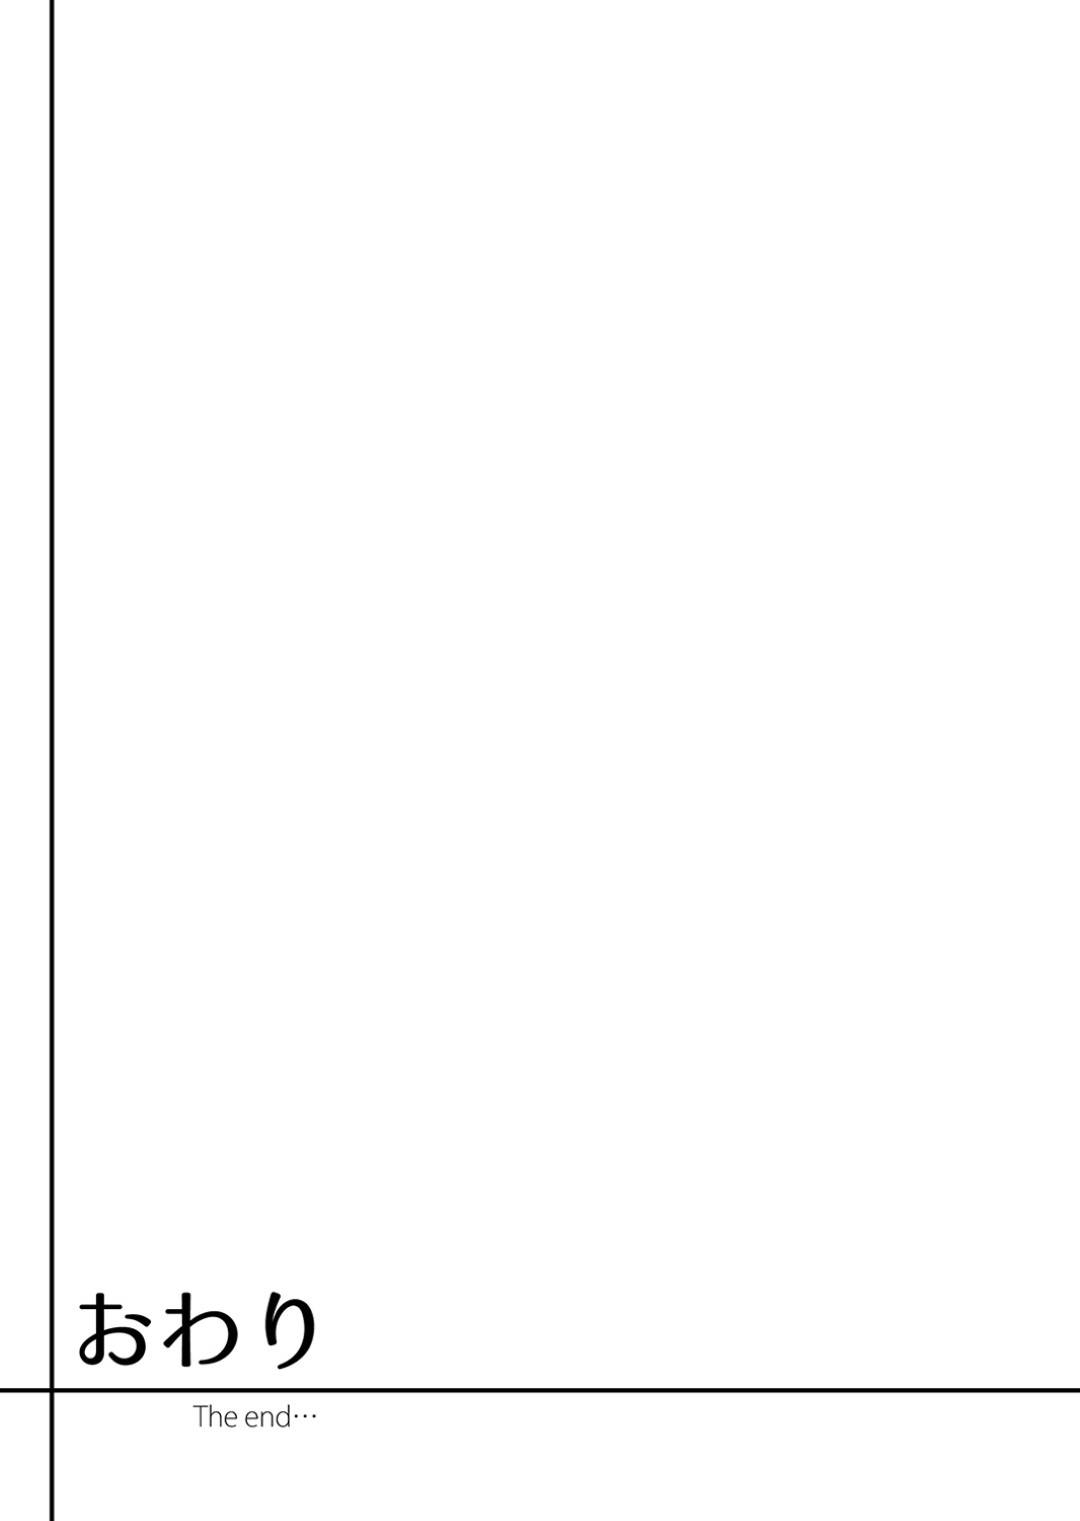 【エロ漫画】近所からも評判の優しい美人新婚妻…近所のチャラ男に昔の弱みを握られ脅されて無理矢理何度も中出しセックス【石川きんぎょ:新婚妻がチャラ男の濃厚セックスで堕ちるまでーデラックス版】